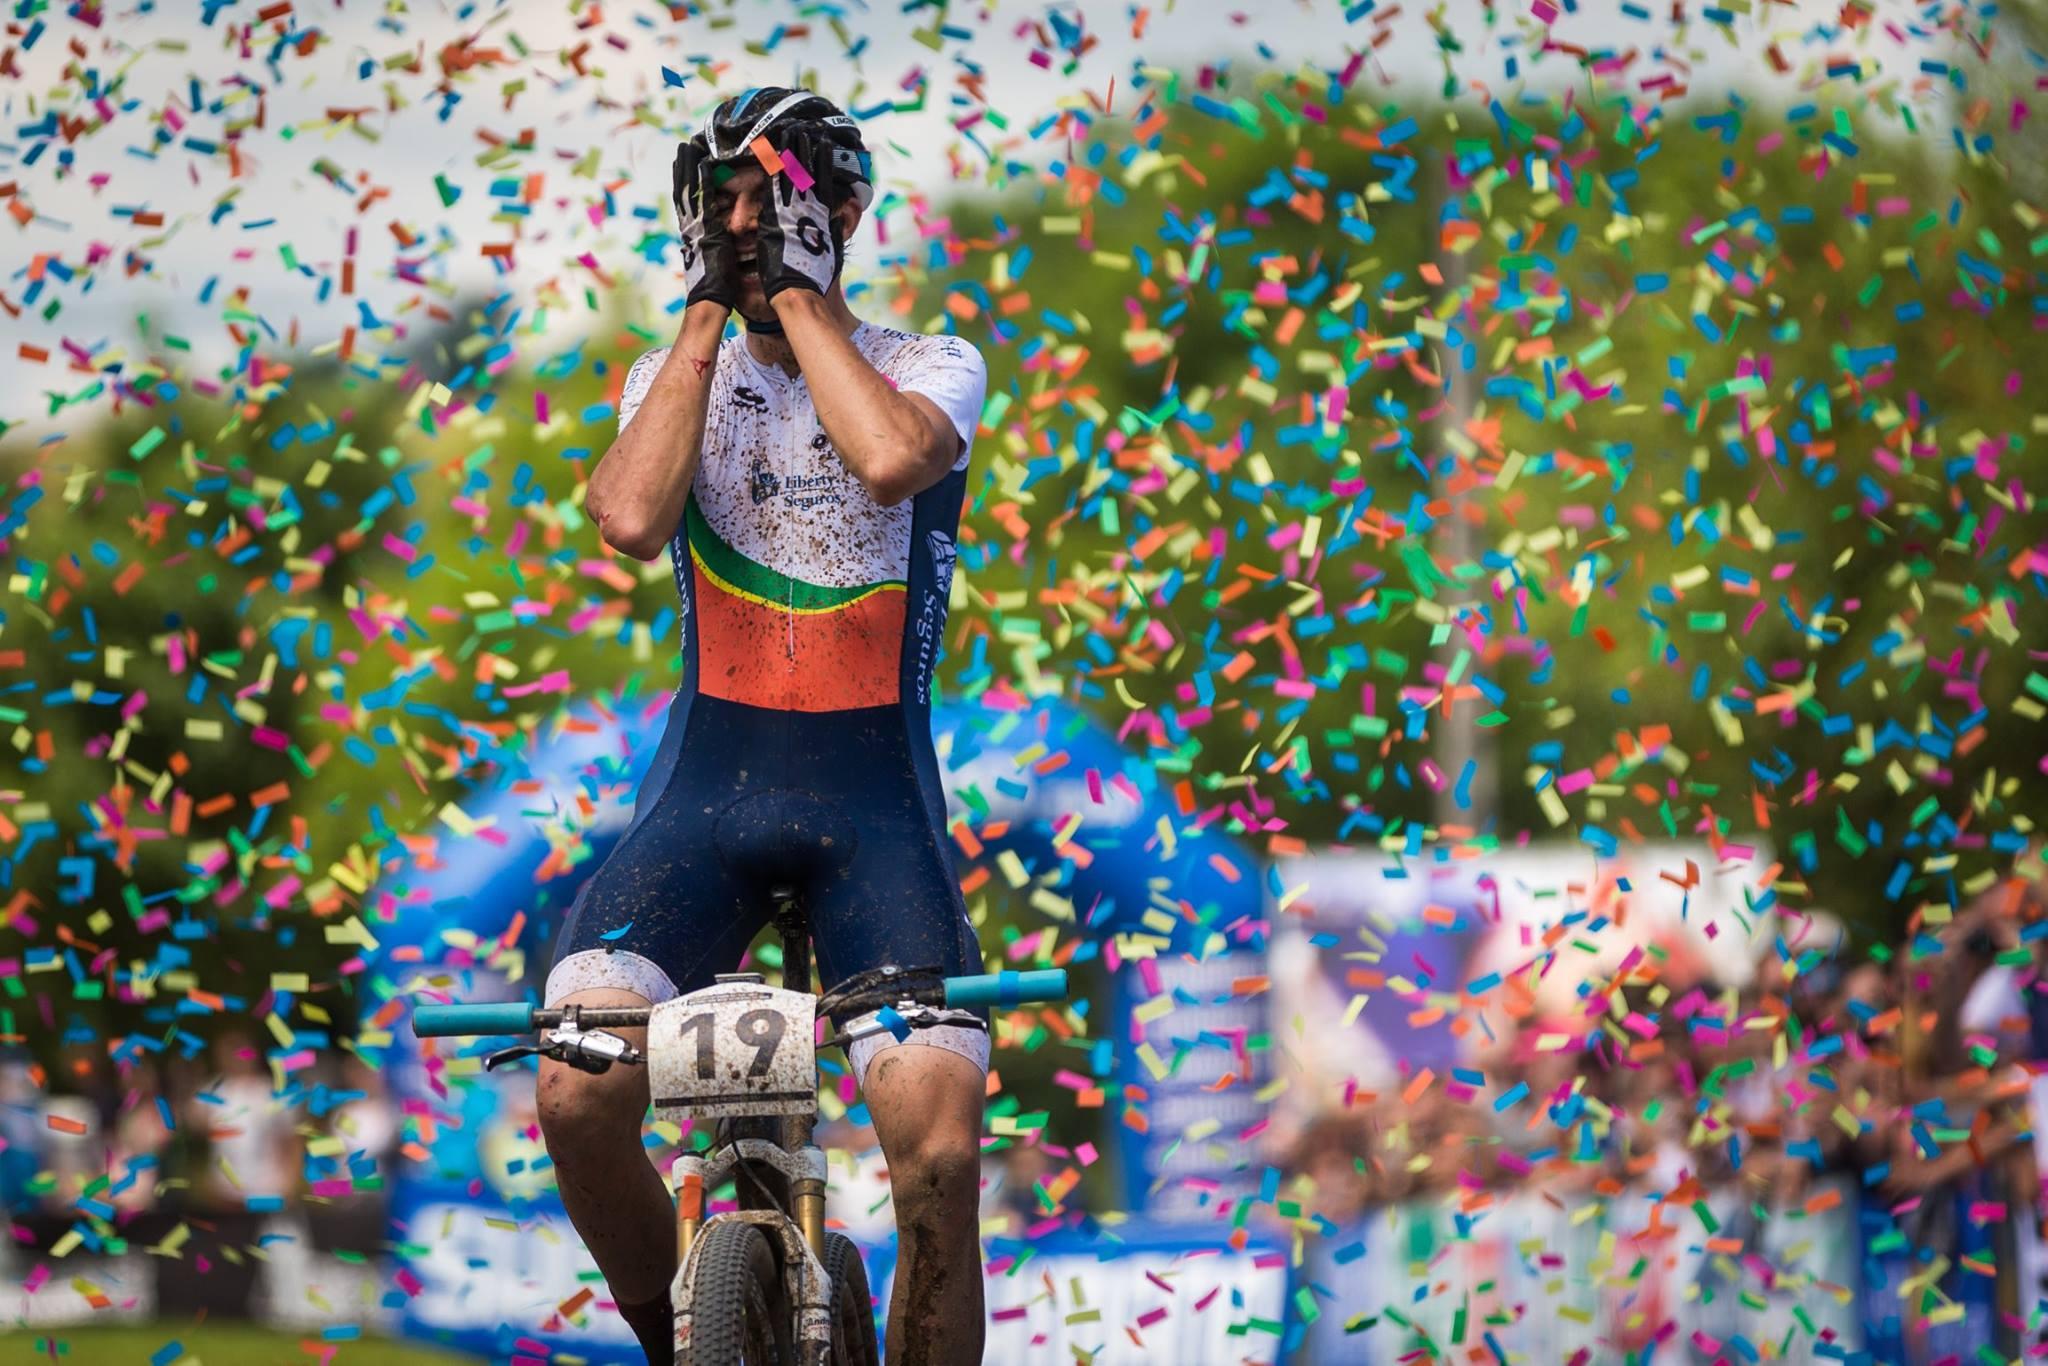 mistrzostwa świata w maratonie mtb tiago ferreira laissac francja 2016